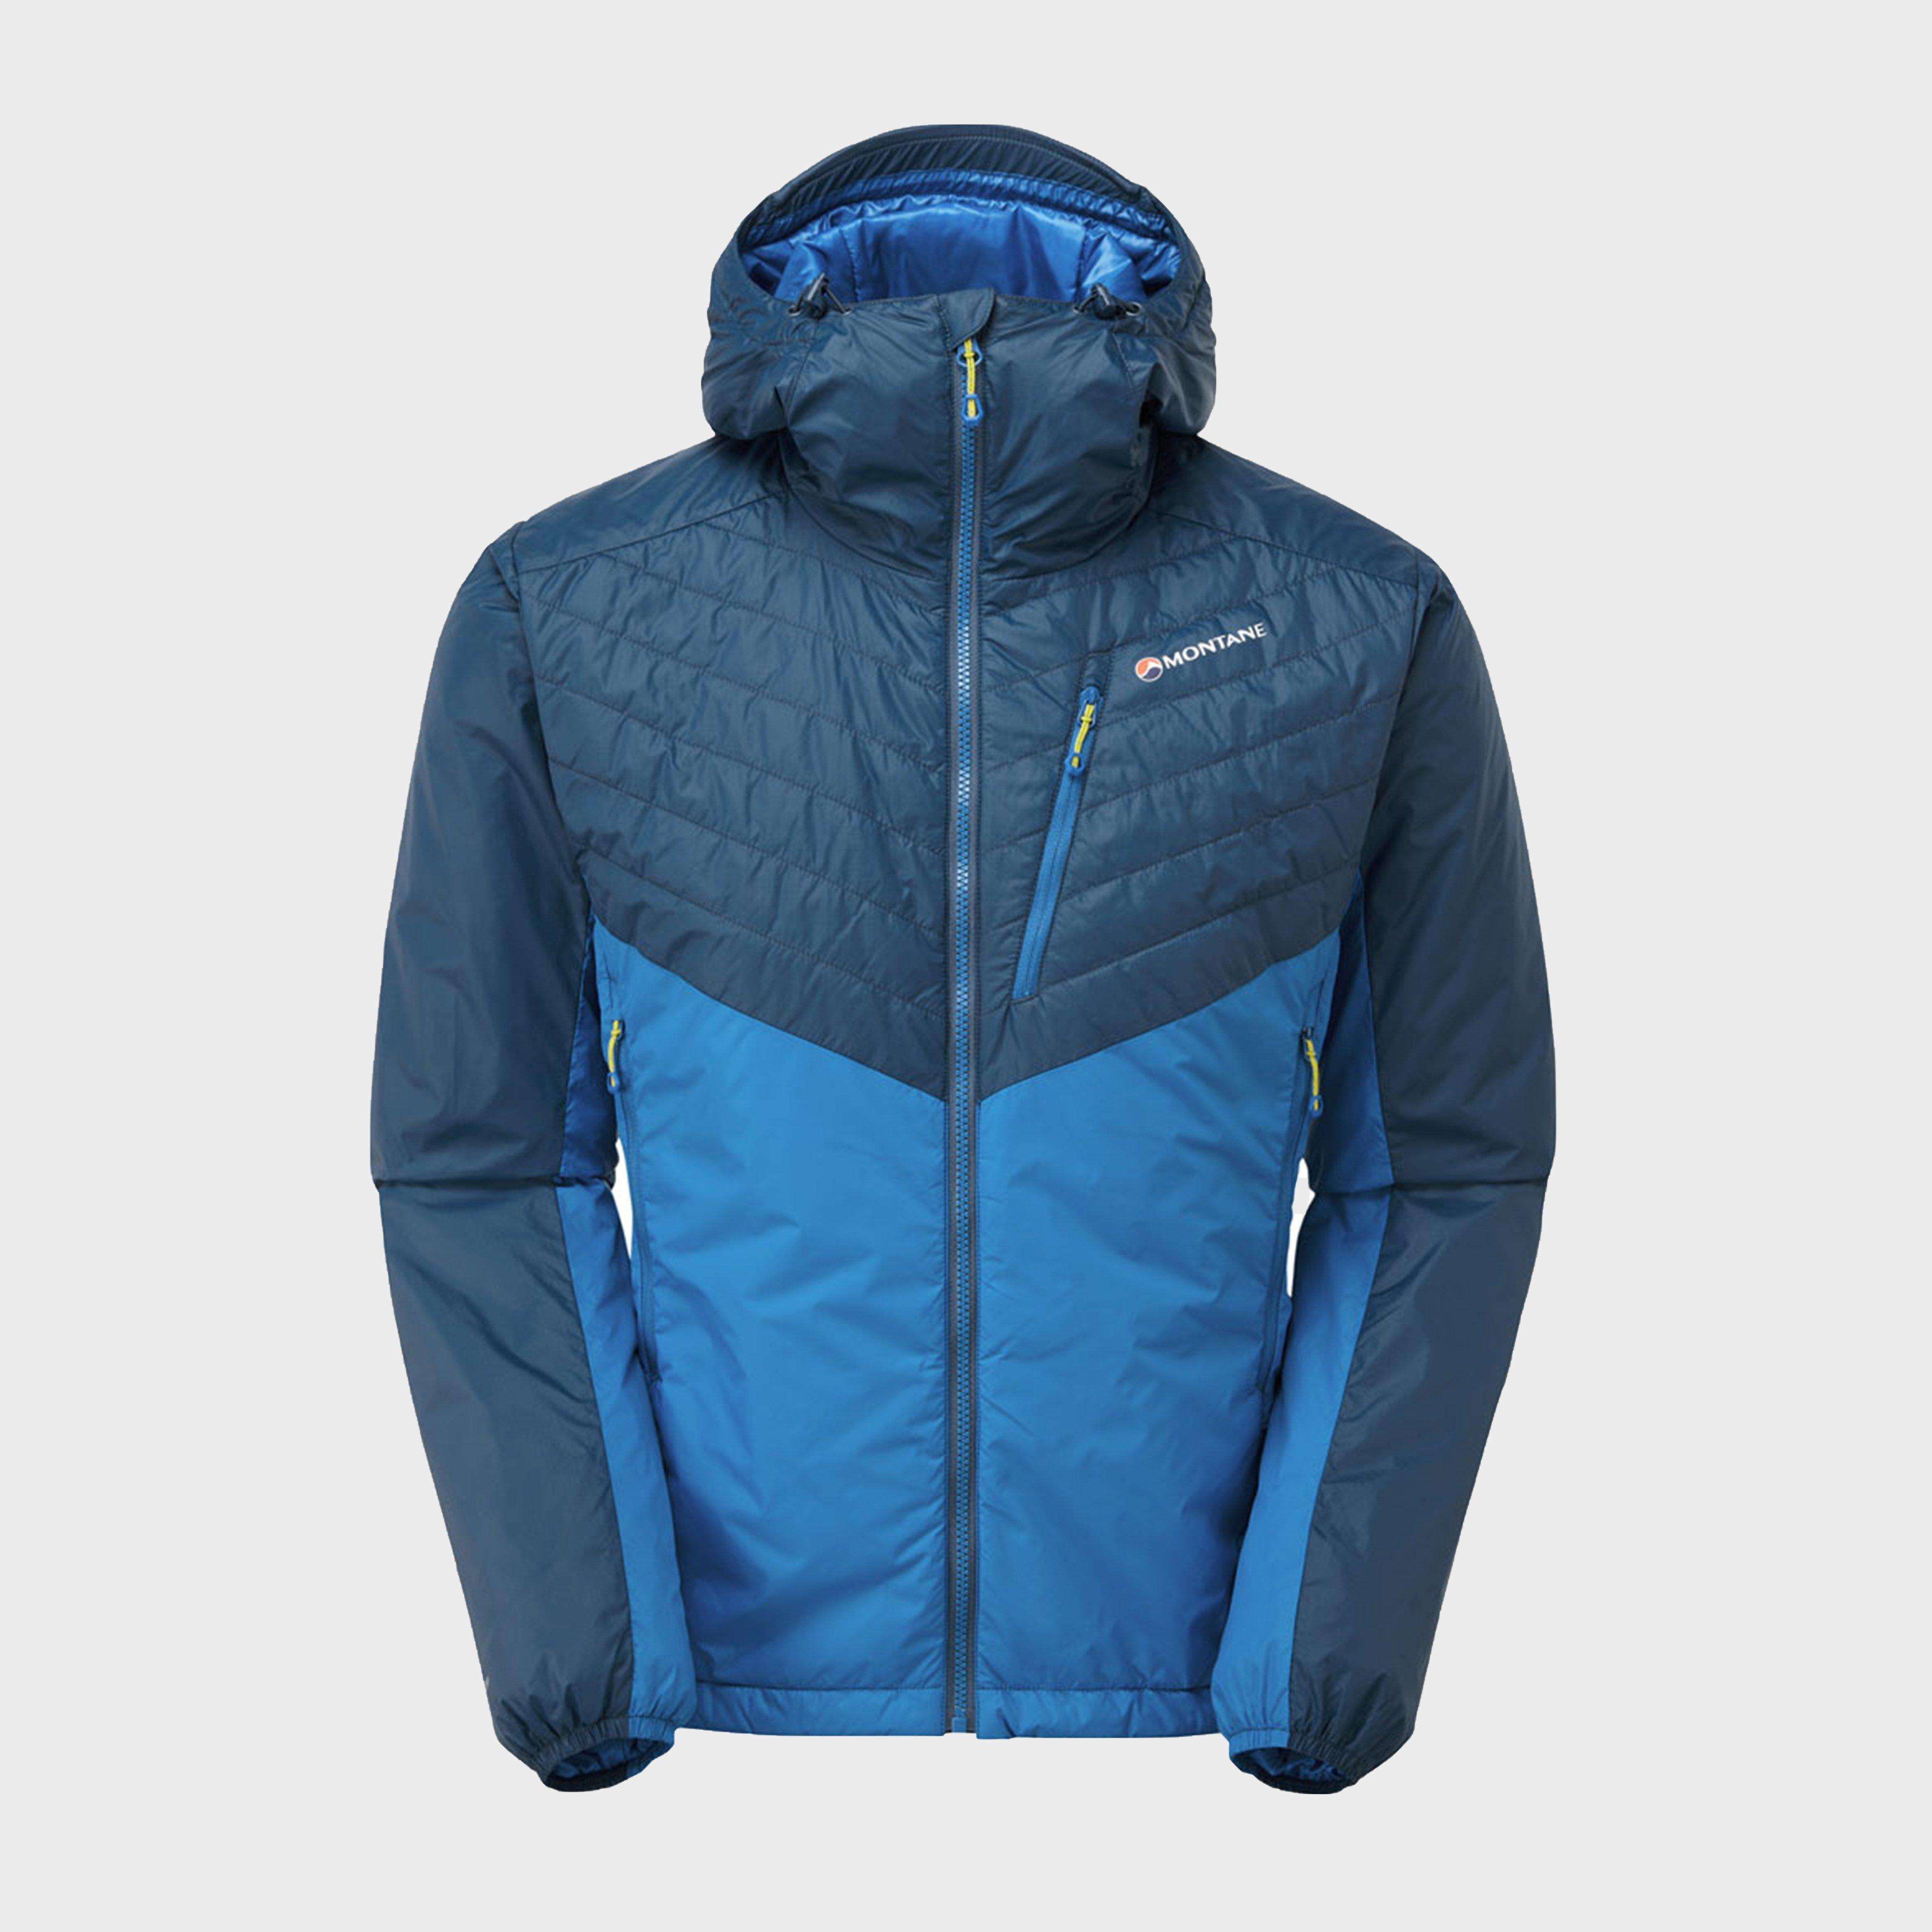 Montane jakke